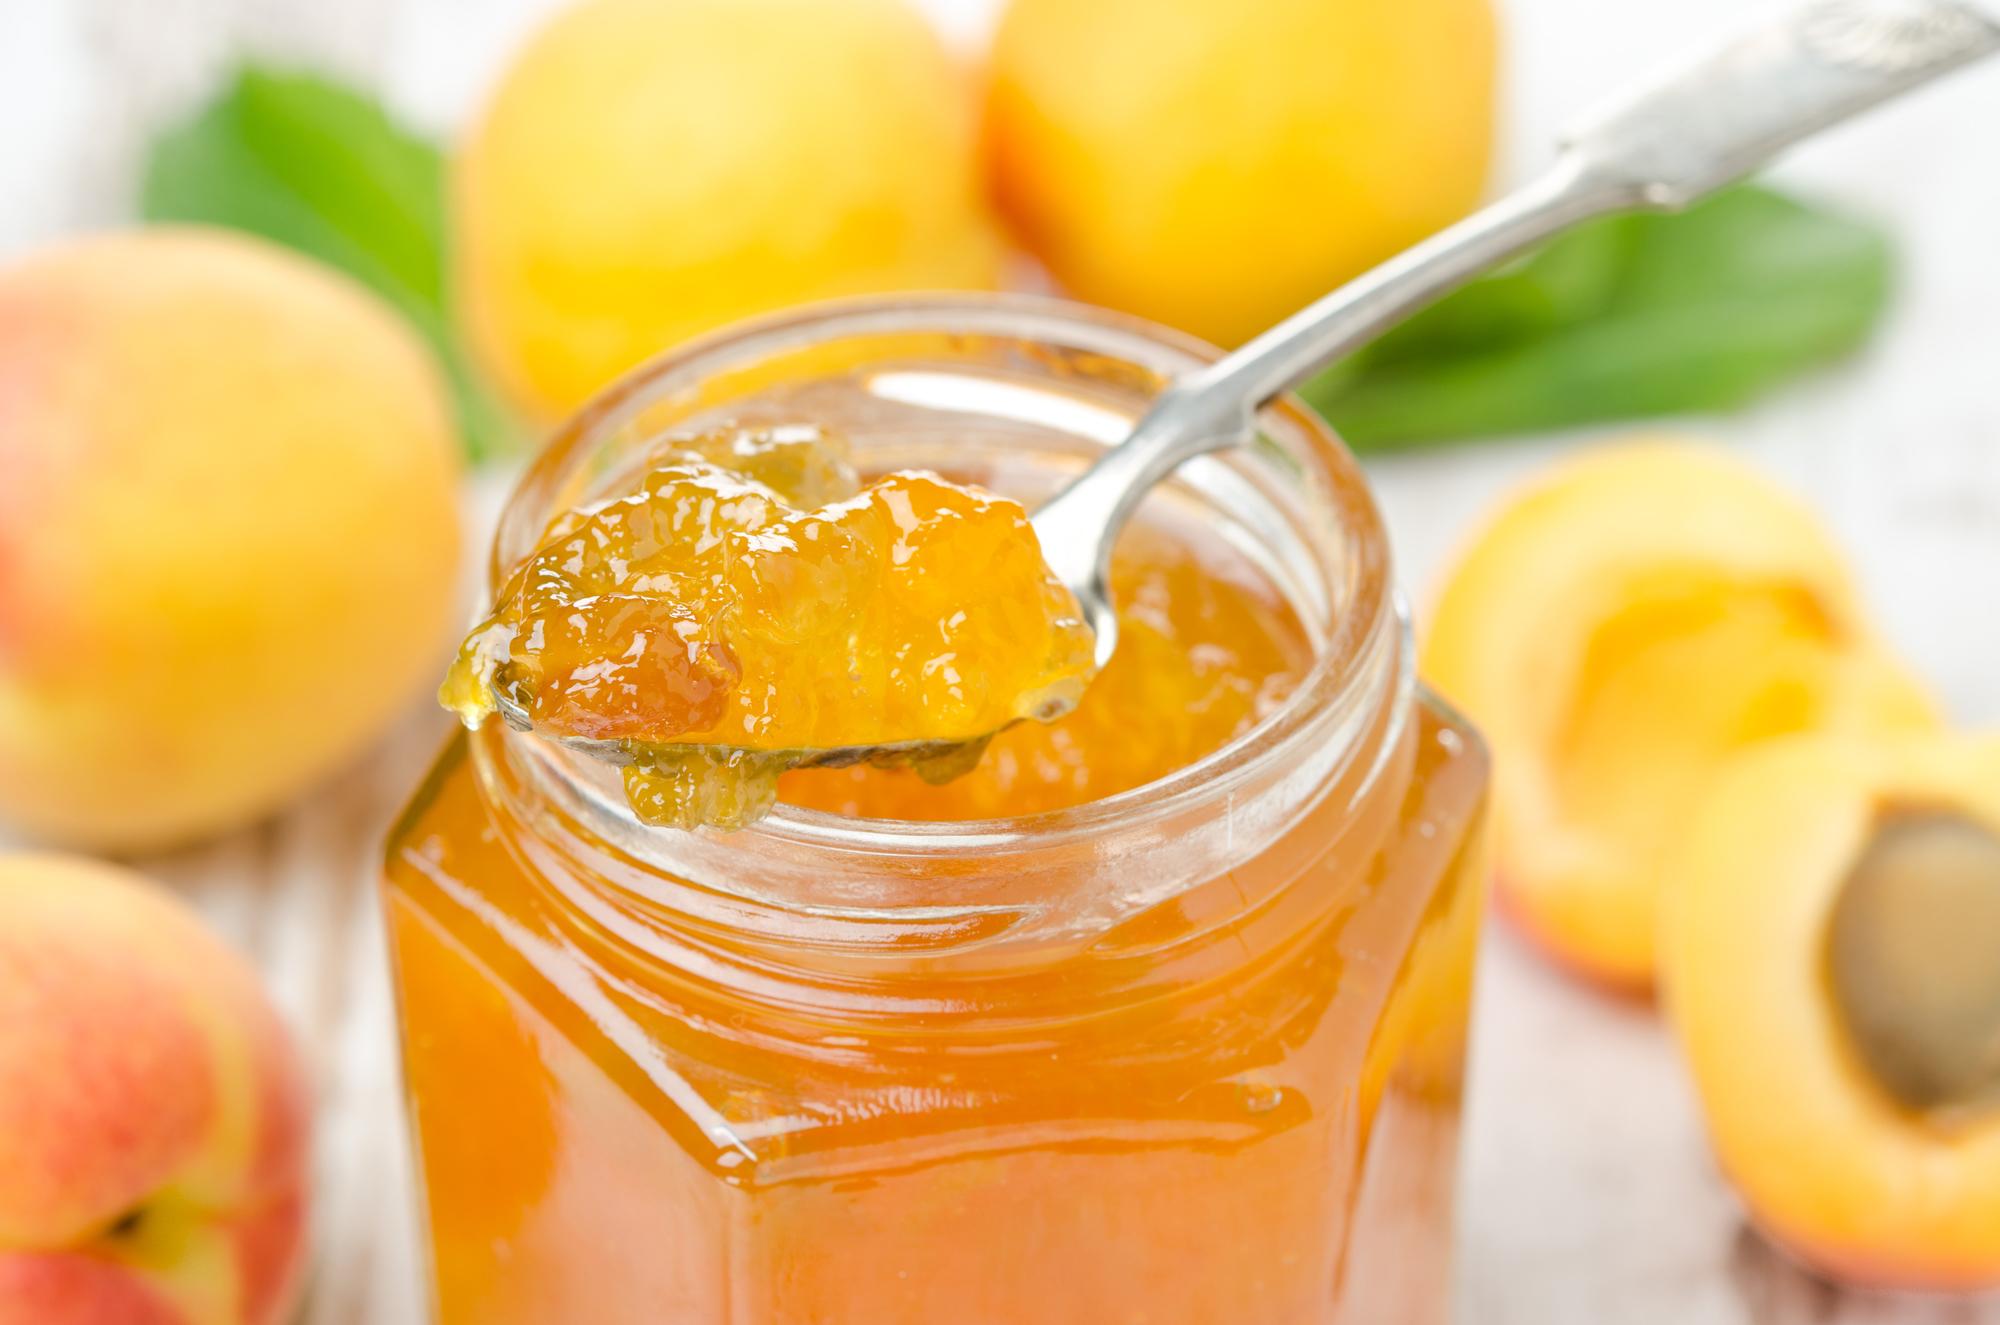 кулинария фото и рецепты варенье компот джем из абрикосов просто чудесная